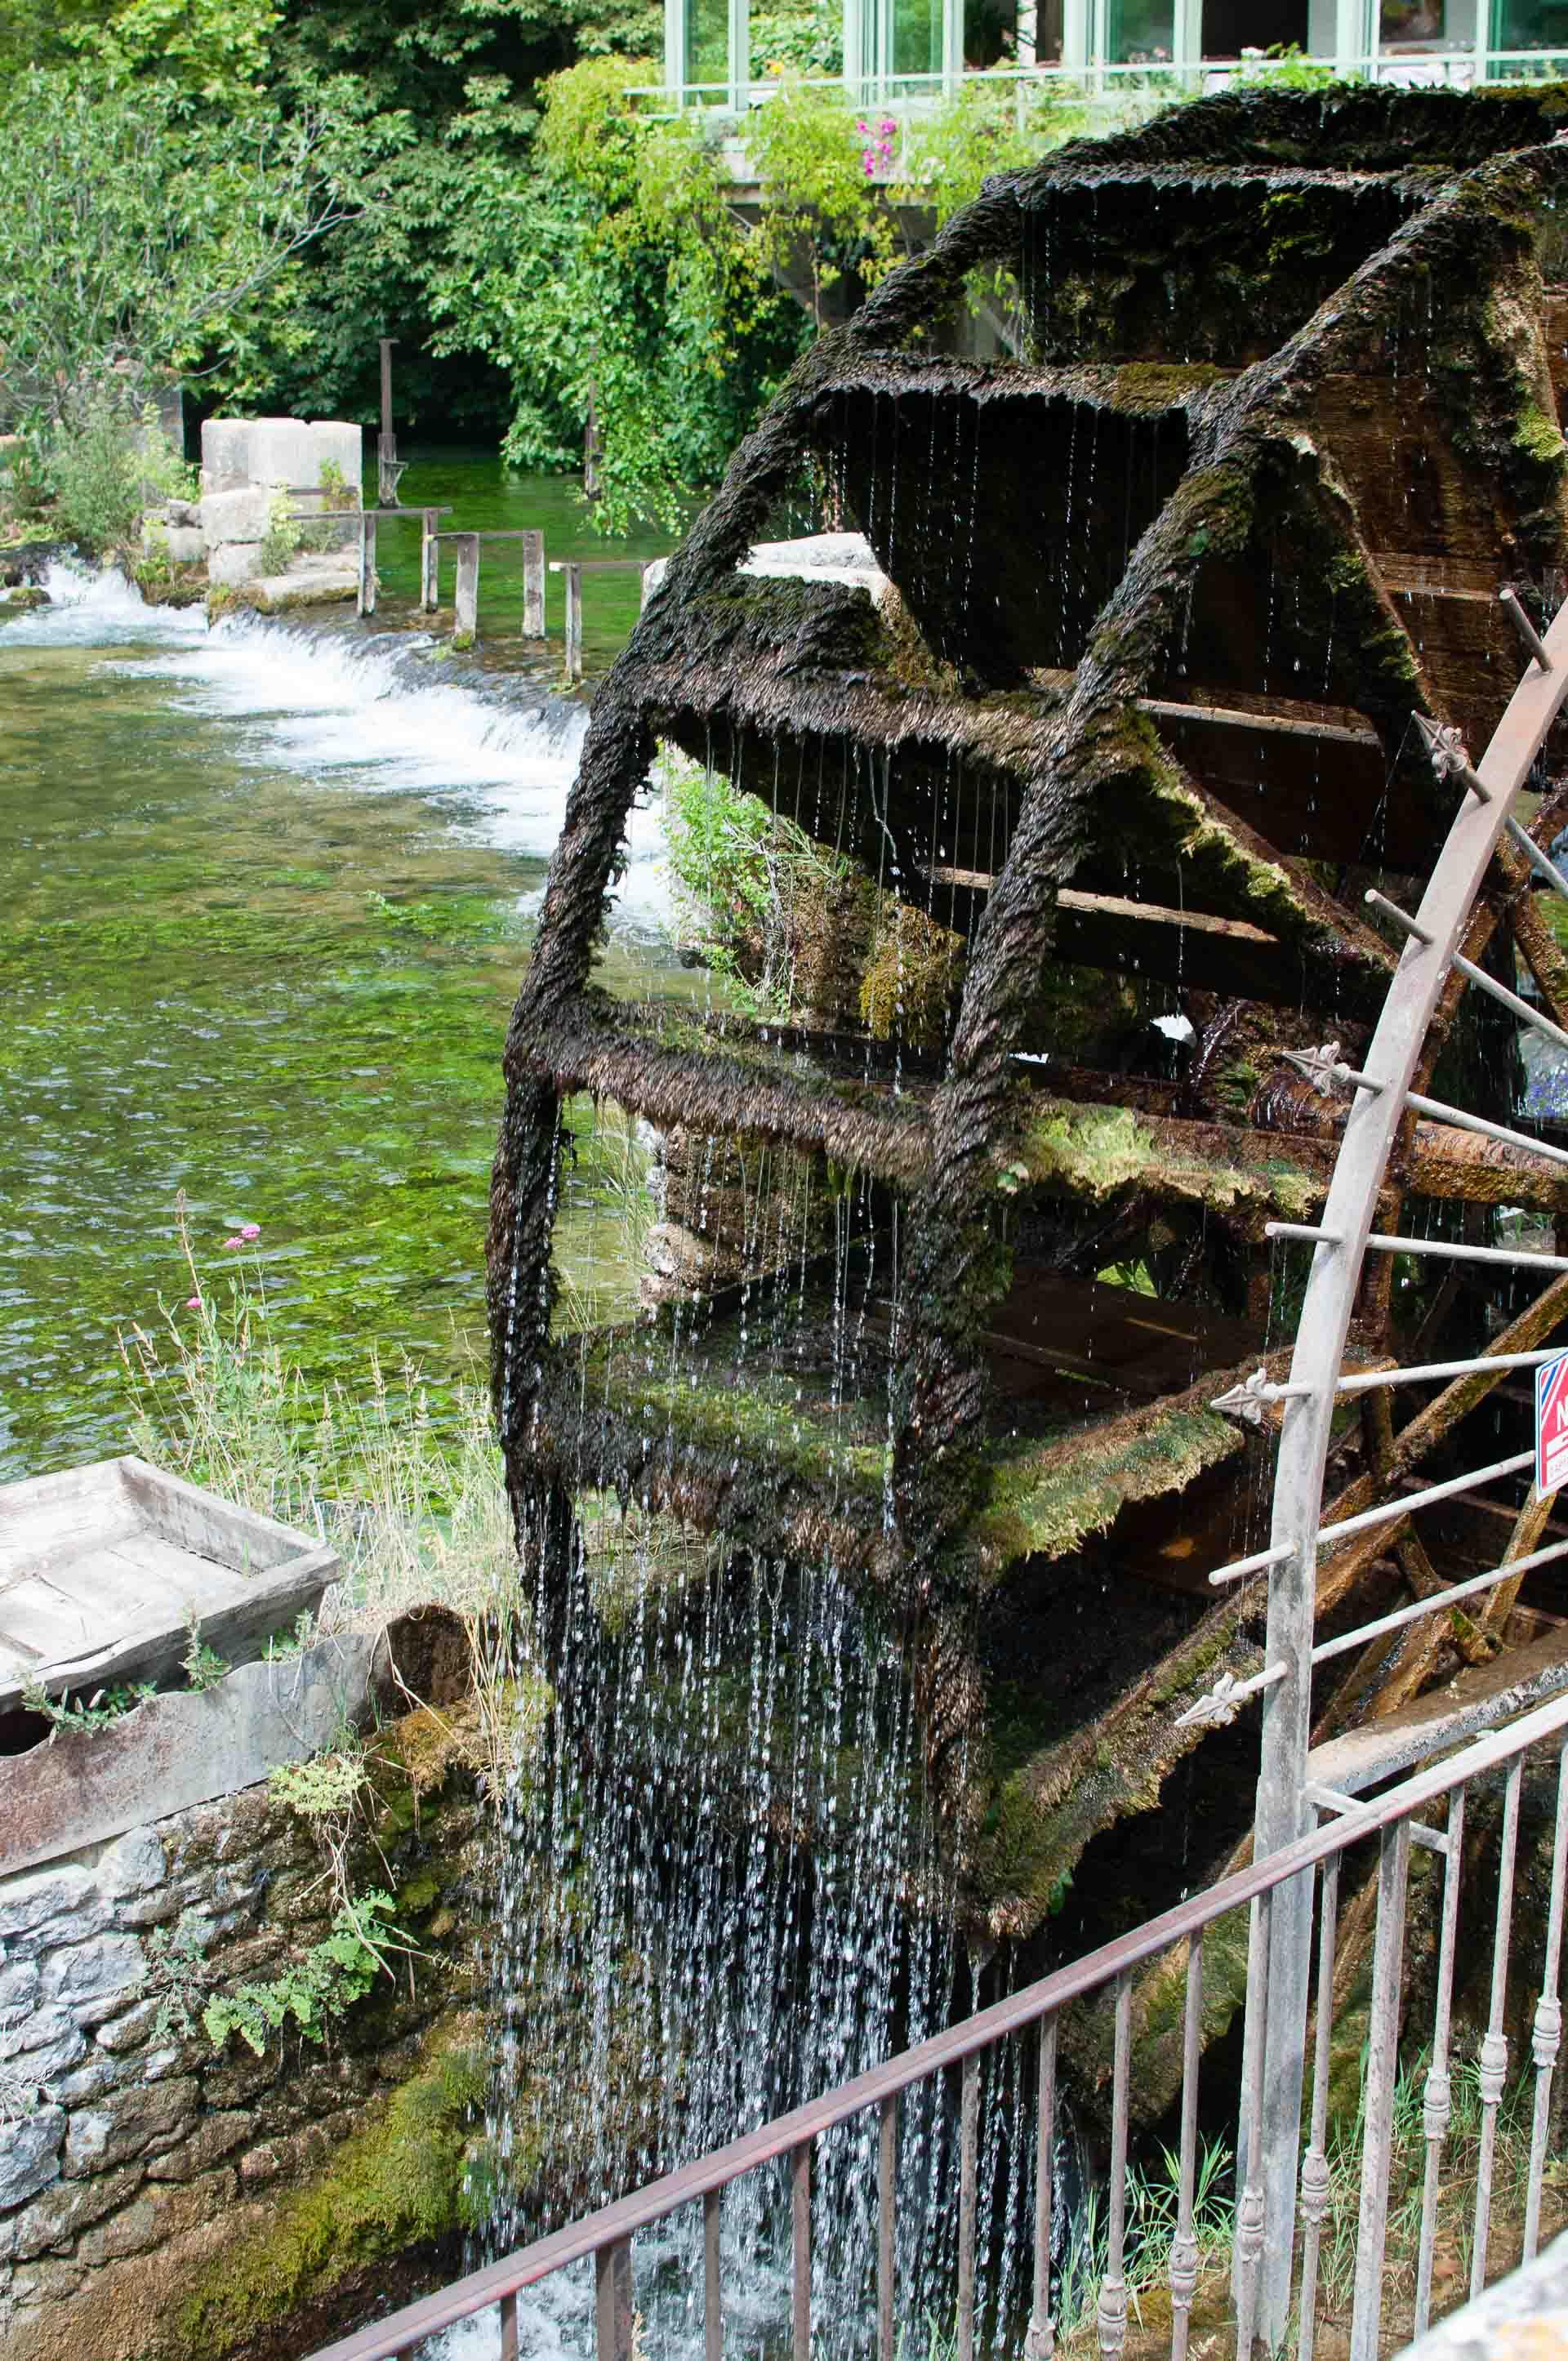 Fontaine de Vaucluse mulino